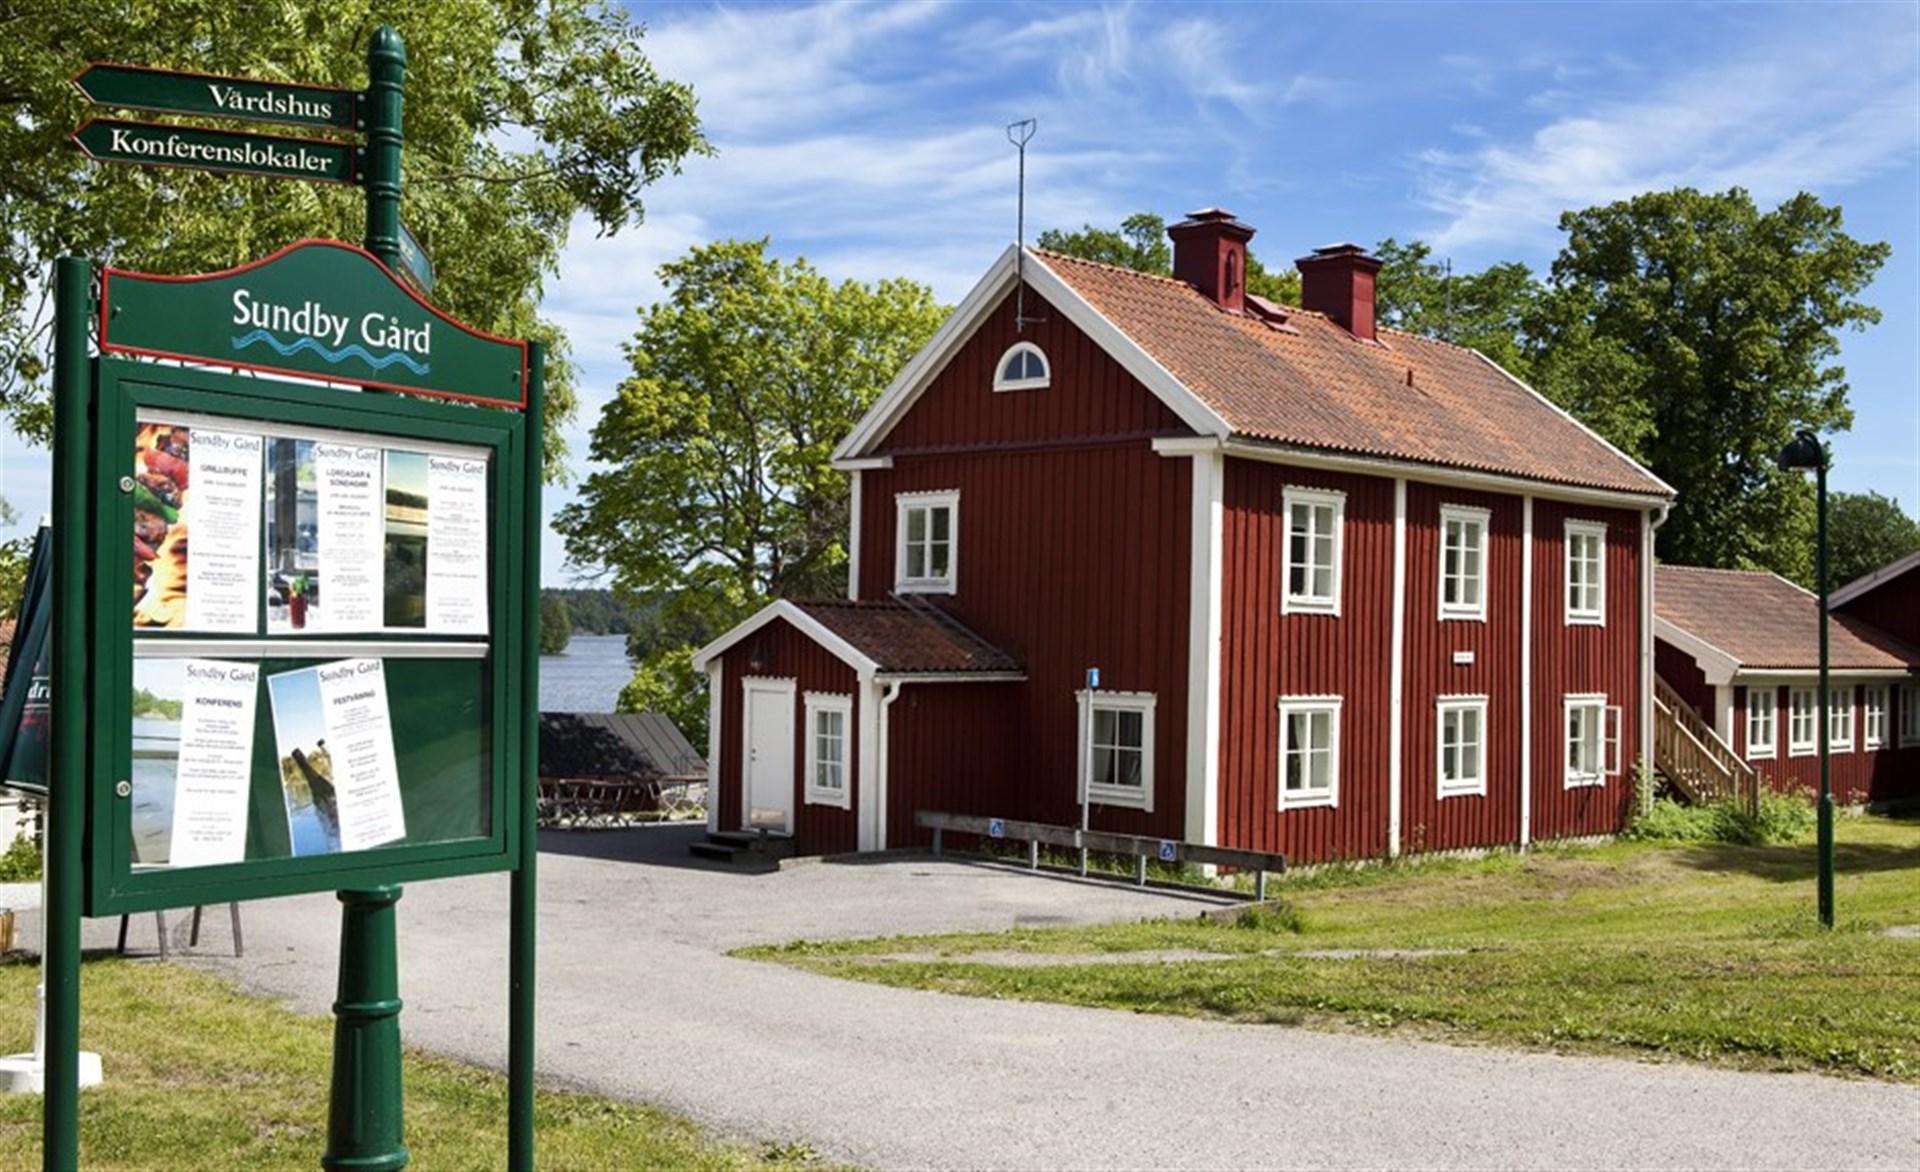 Närliggande Sundby Gård. Perfekt för en picknick, ett bad eller ett besök på värdshuset.